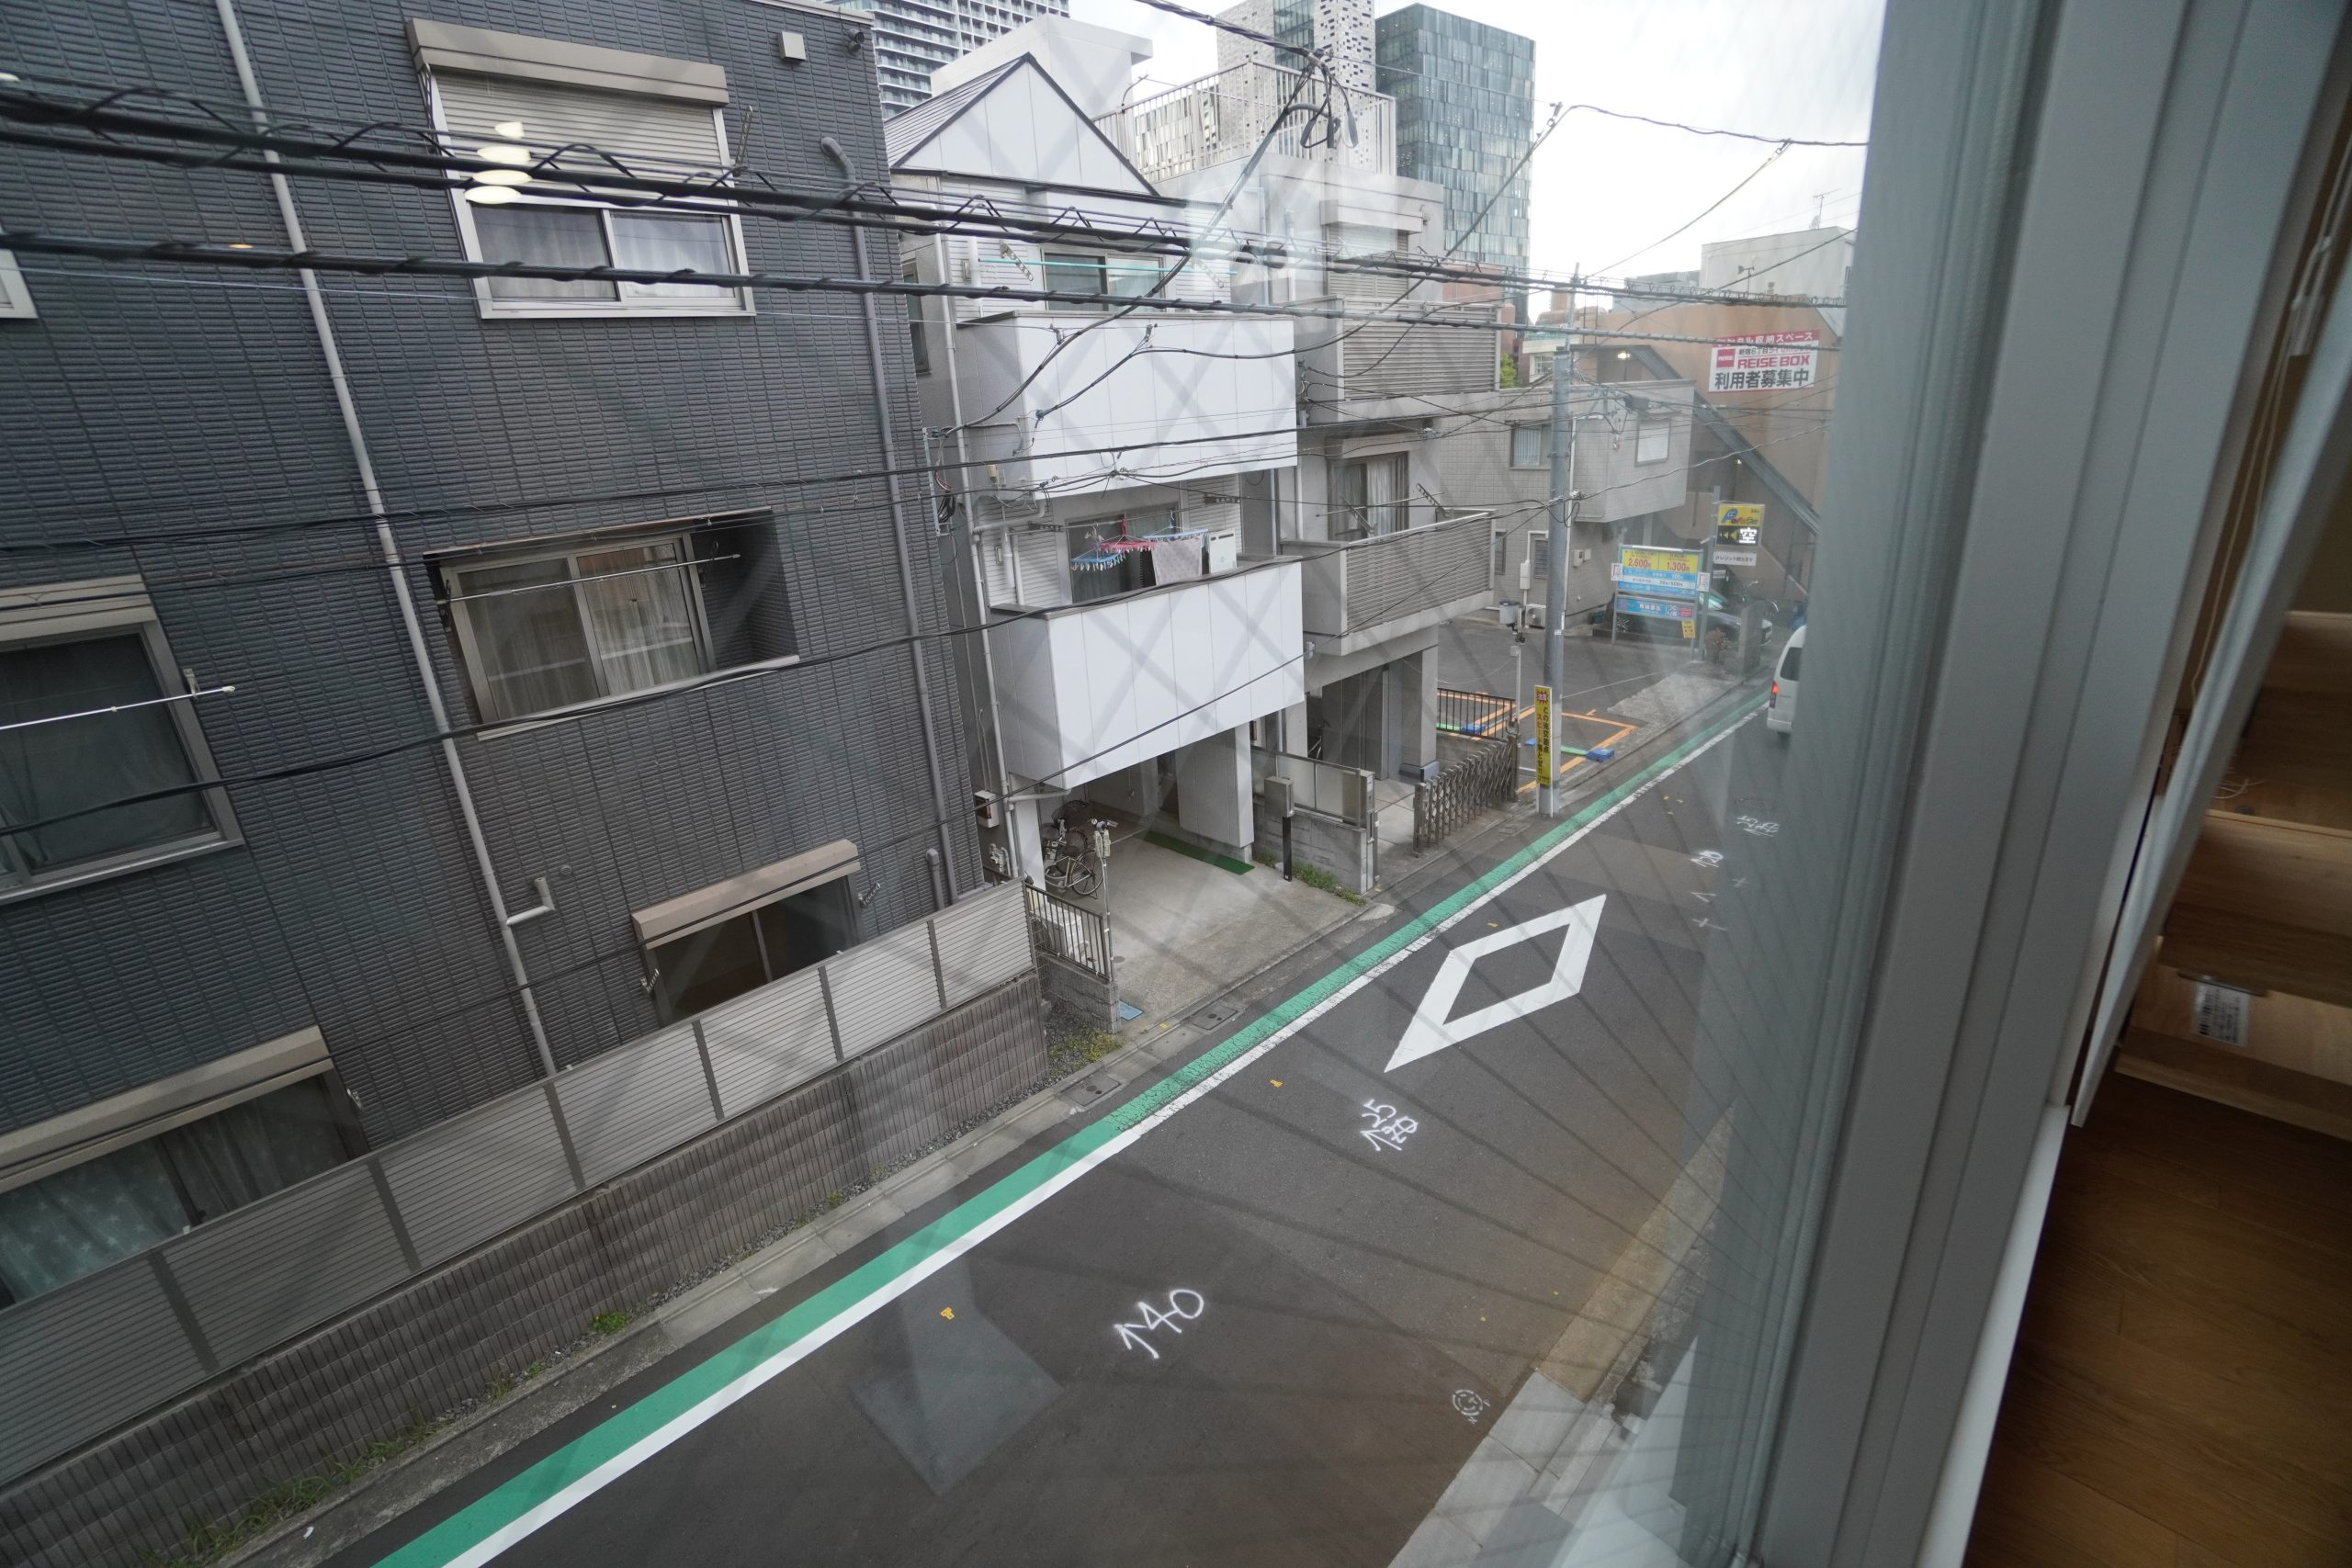 PASEO新宿三丁目I 301の写真15